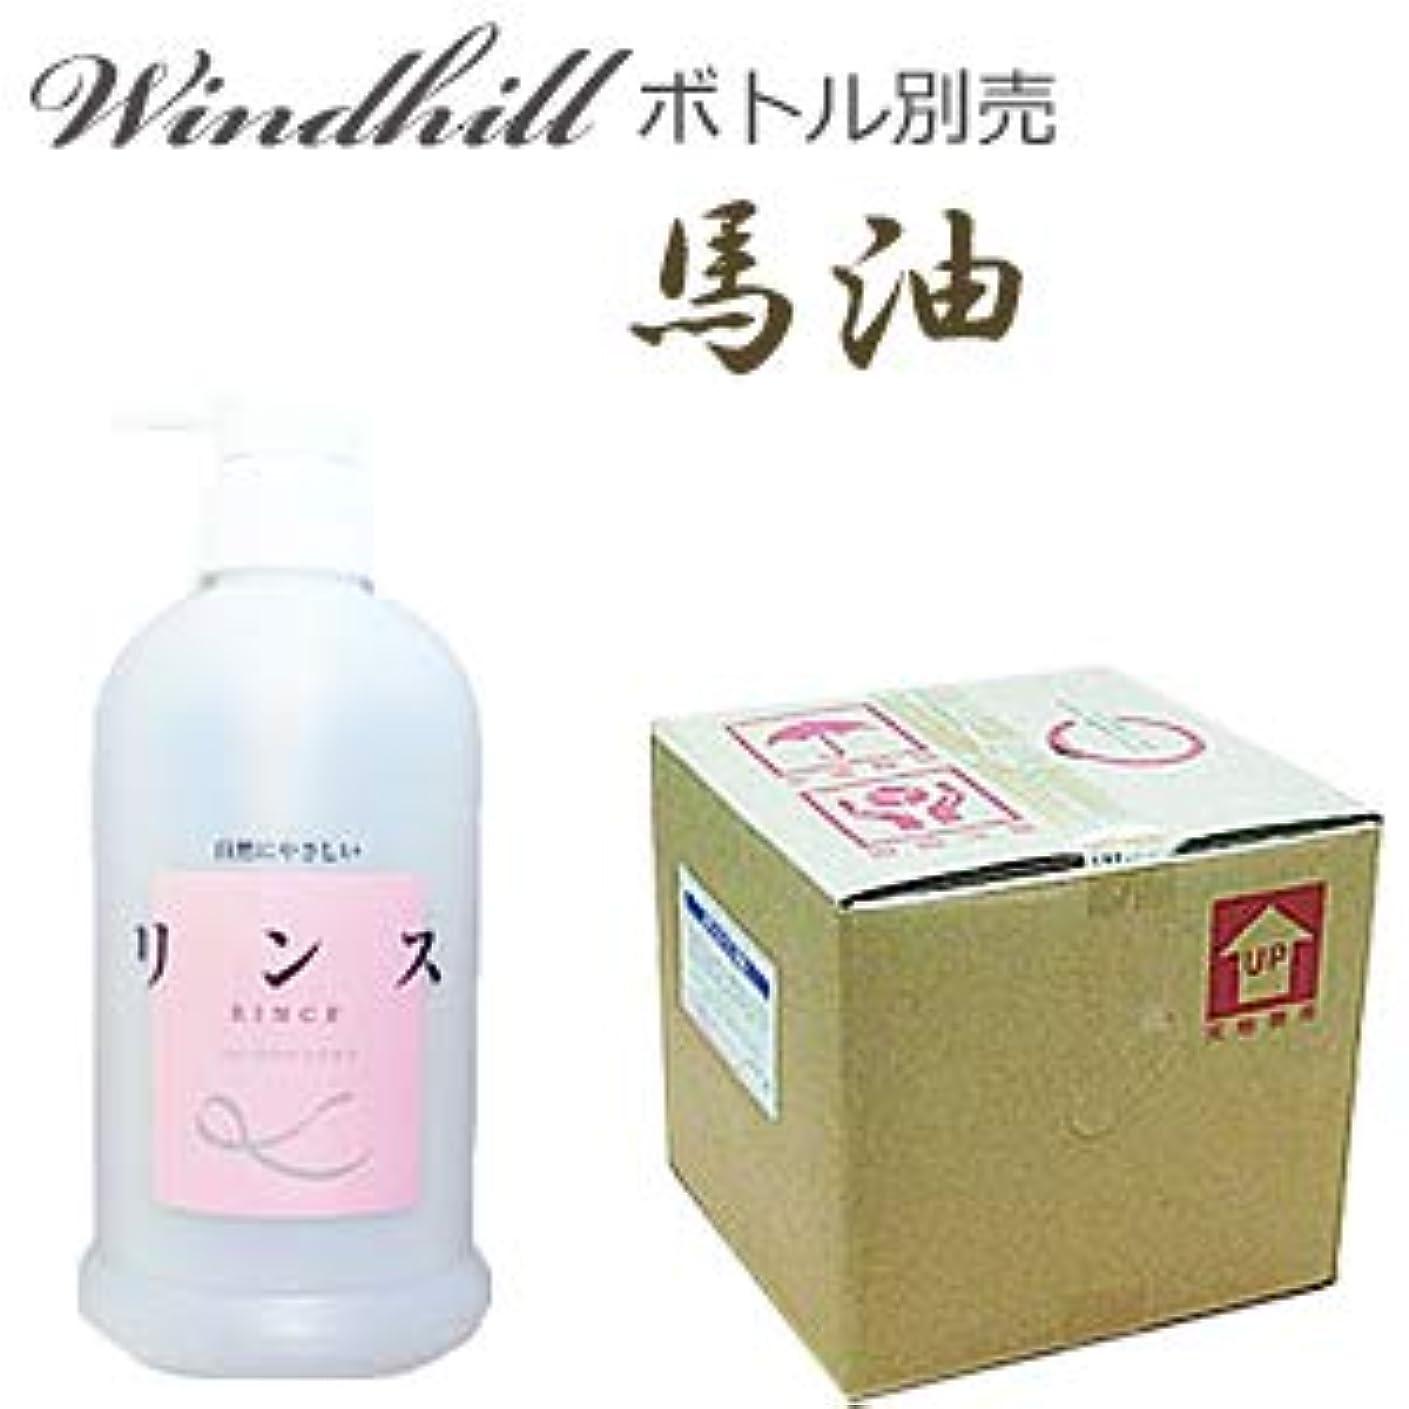 投票オフ経歴なんと! 500ml当り190円 Windhill 馬油 業務用 リンス  フローラルの香り 20L